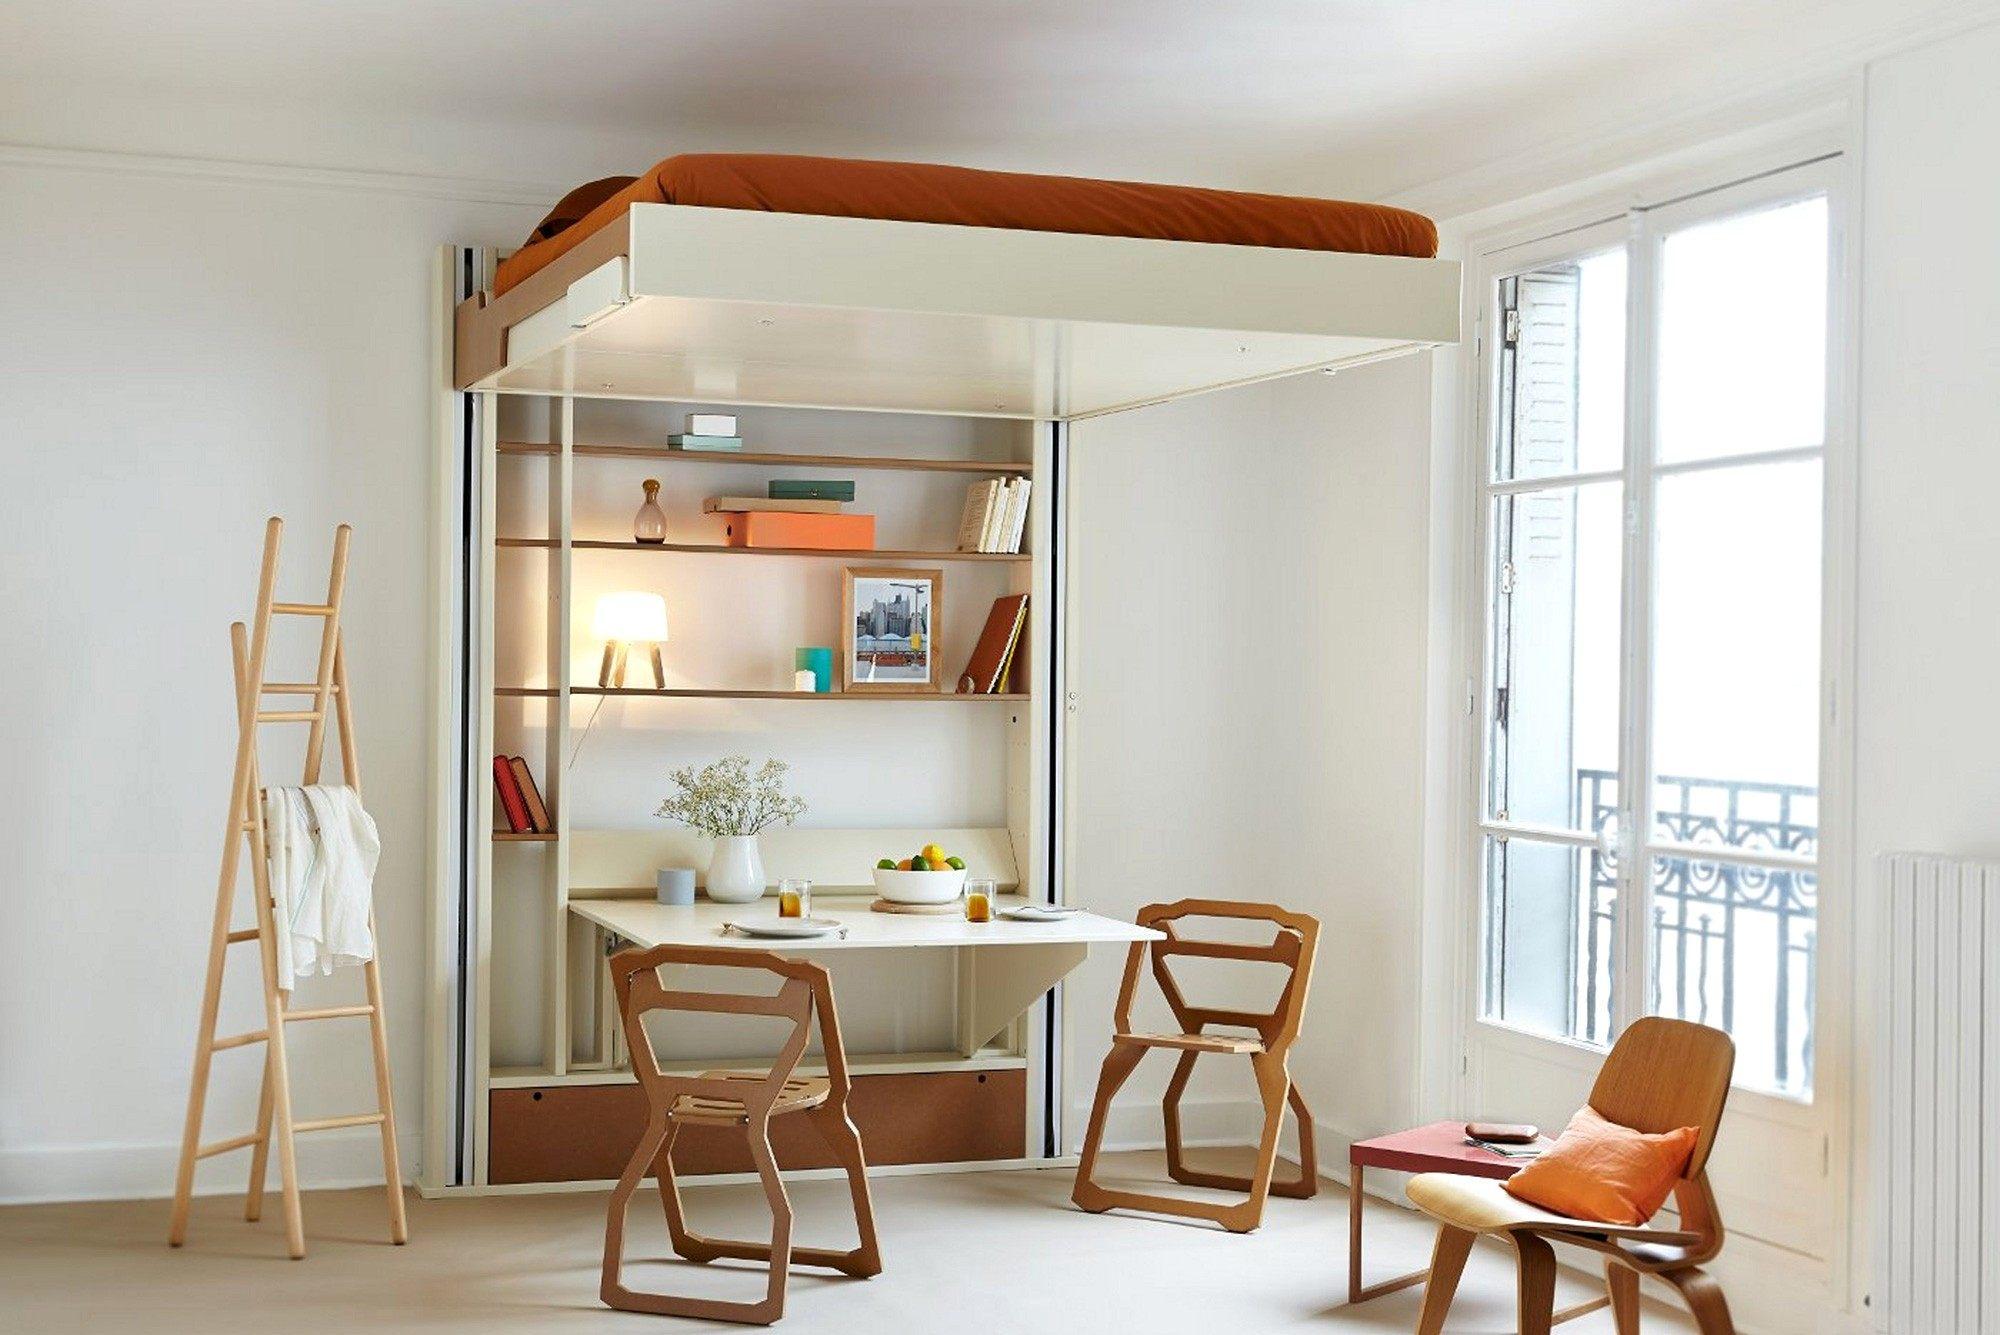 Lit Superposé Escamotable Ikea Beau Belle Lit Escamotable Avec Canapé Avec Lit Biné Armoire Fresh Lit